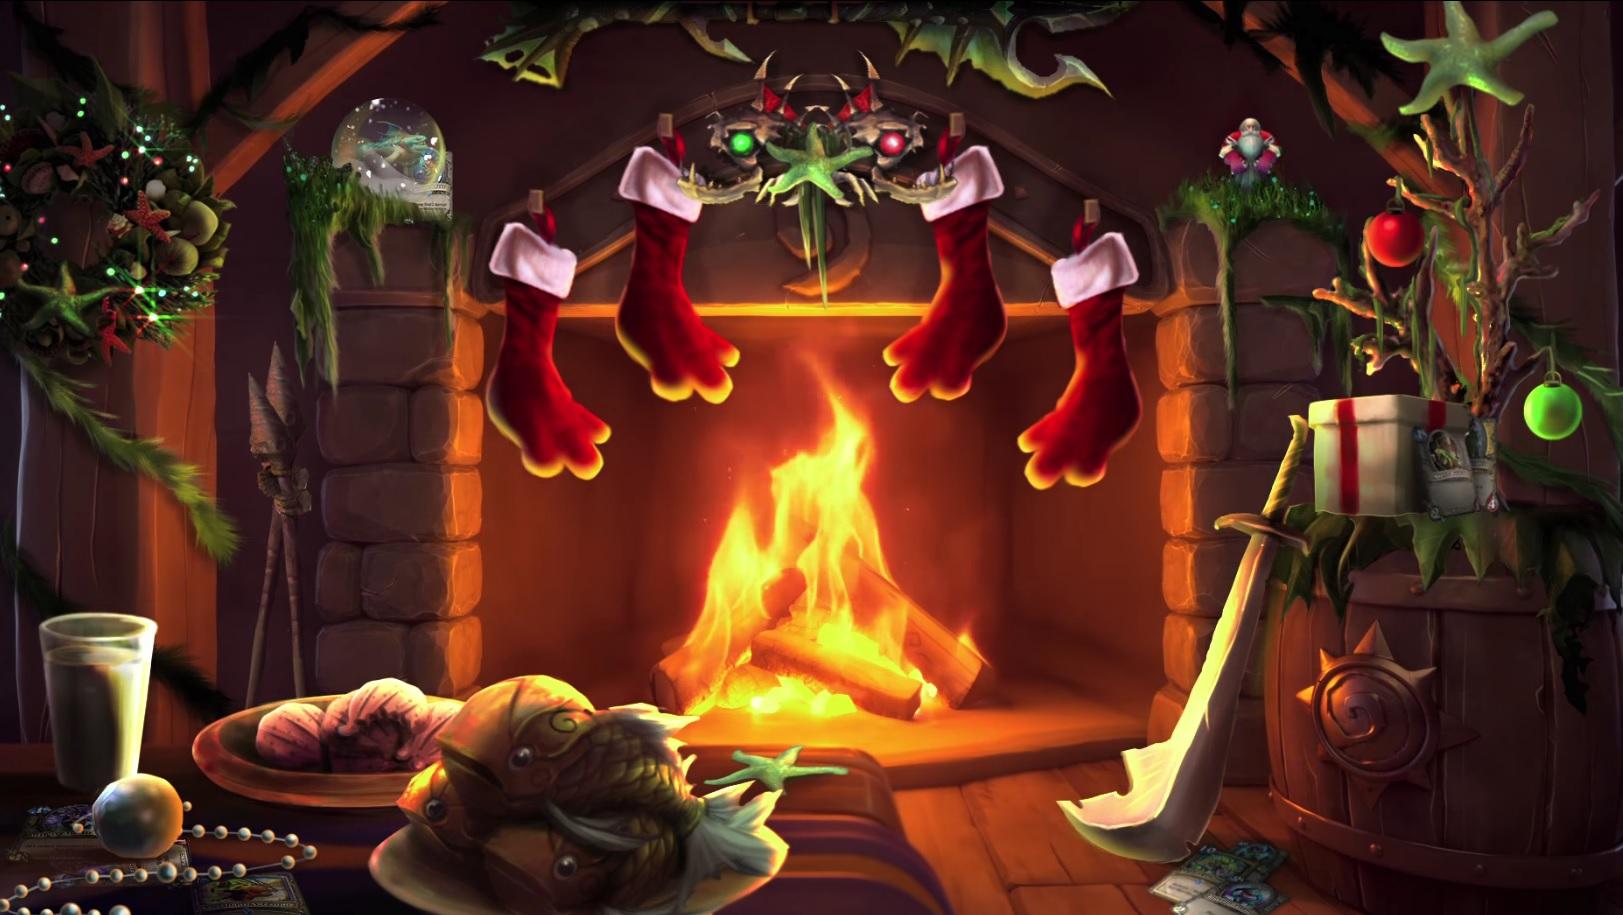 Hearthstone, World of Warcraft: Murloc Bells! 1 Stunde gurgelige Weihnachtslieder